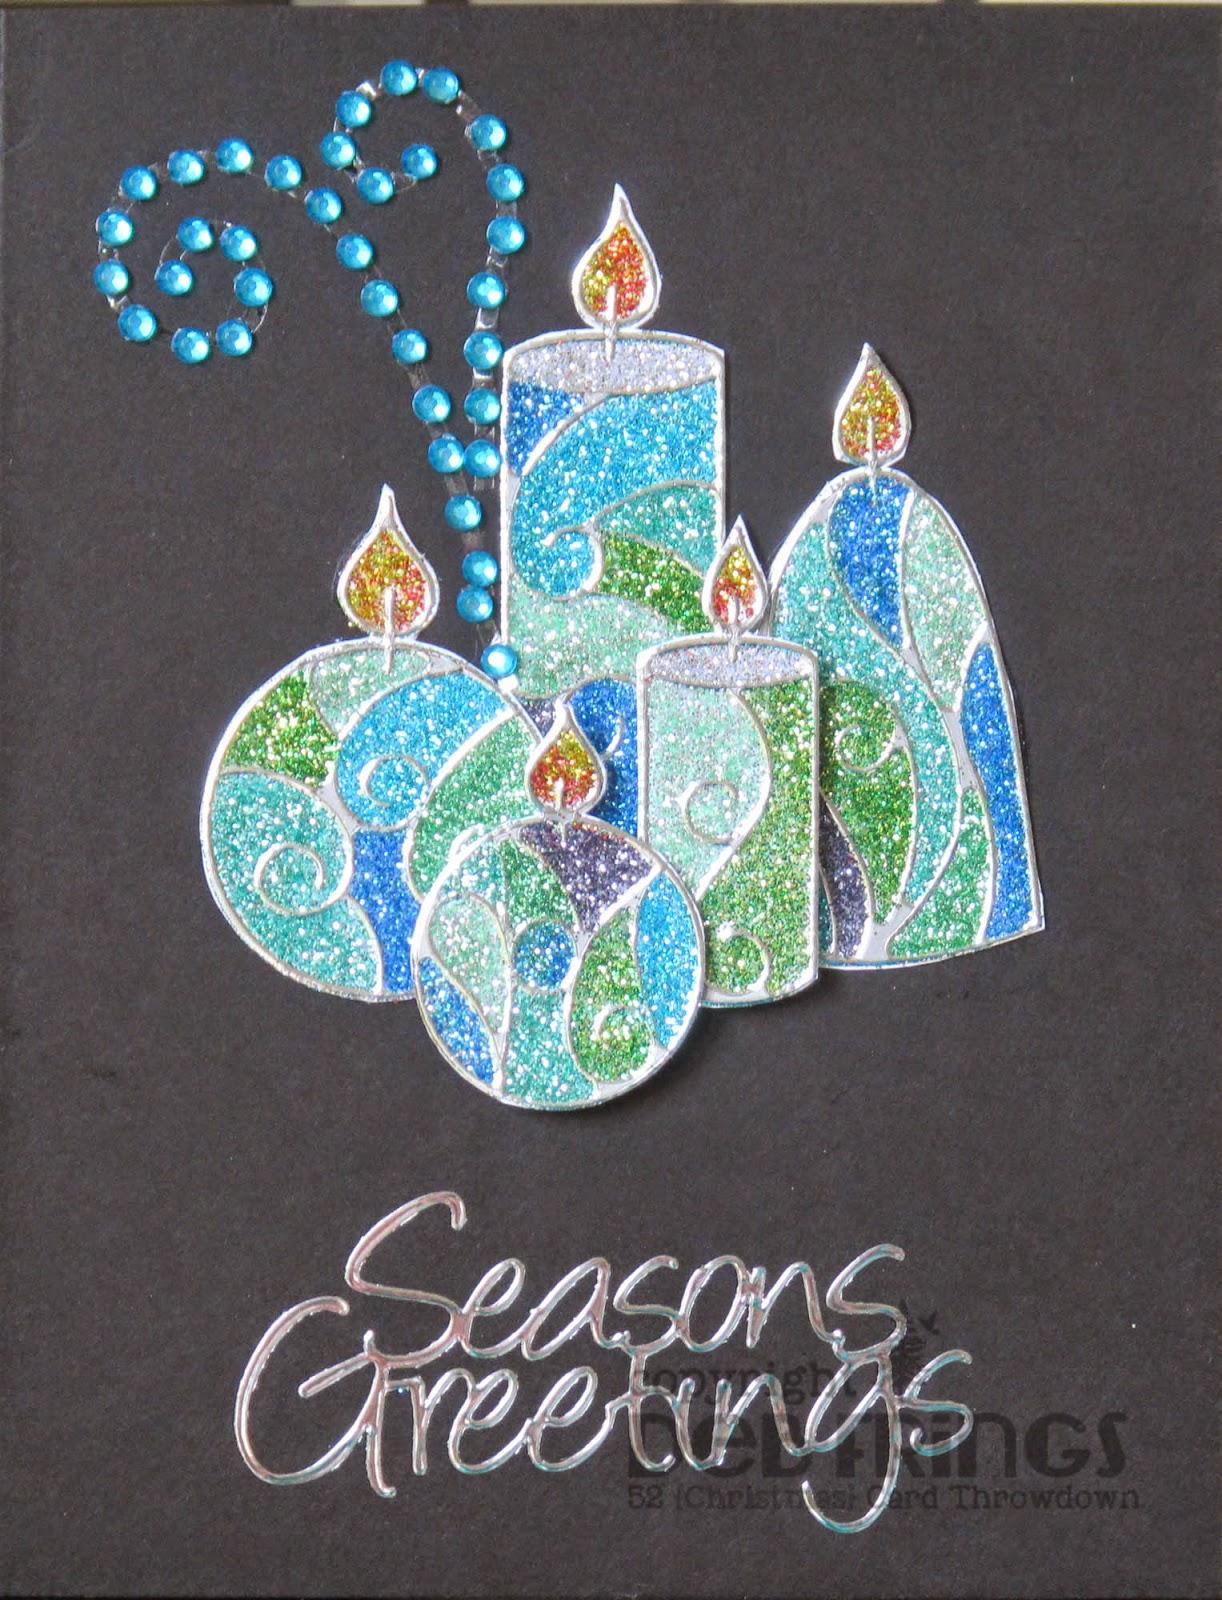 Season's Greetings - photo by Deborah Frings - Deborah's Gems